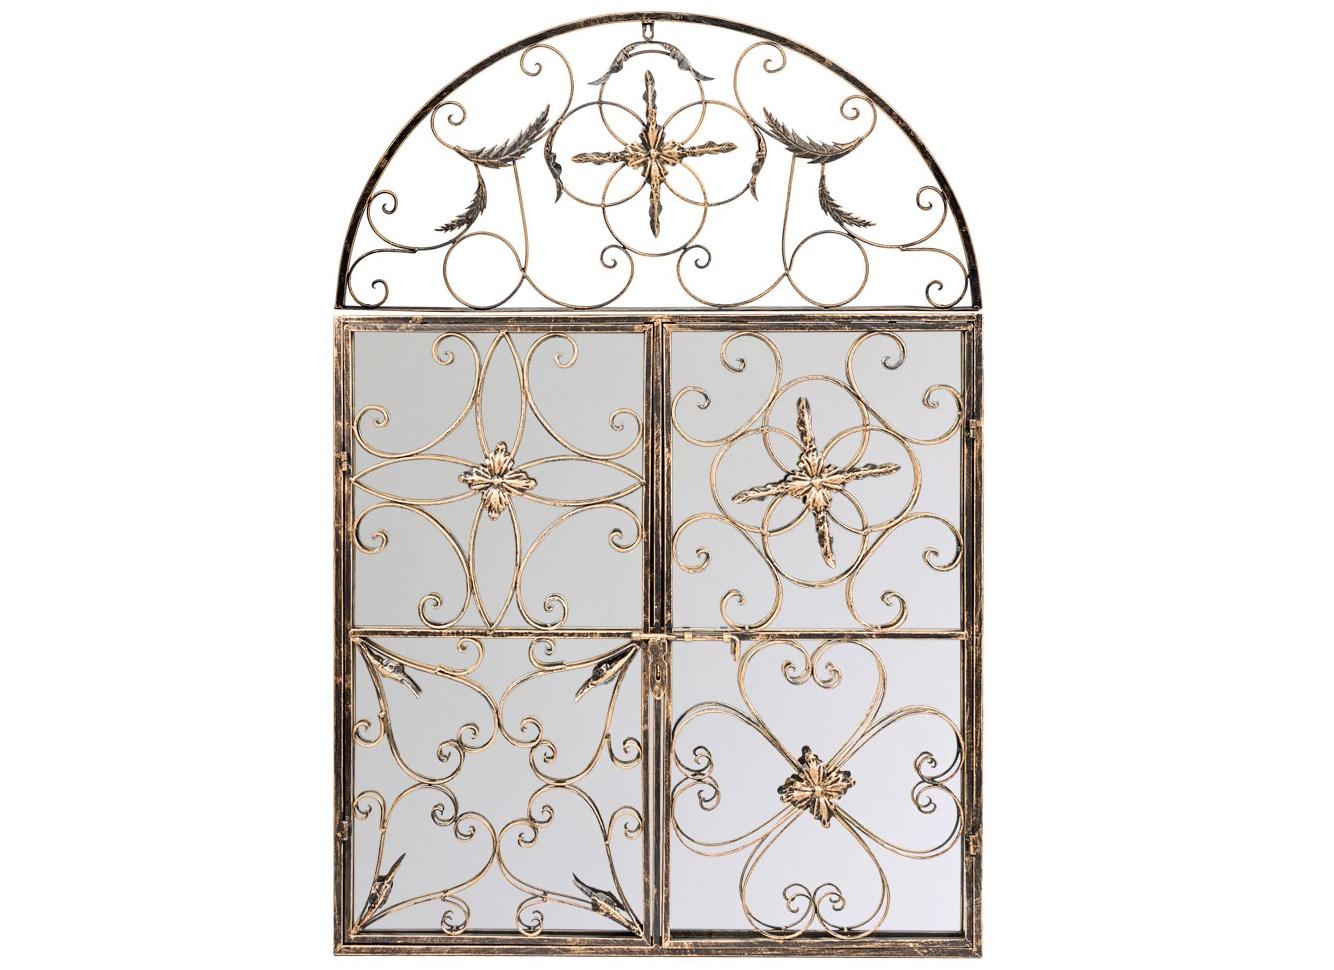 Настенное зеркало БизеНастенные зеркала<br>Арочное зеркало &amp;quot;Бизе&amp;quot;, имитирующее старинный оконный портал королевского замка, зачаровывает обилием кружевных орнаментов, вызывая при этом ощущение абсолютной легкости и света.  Узоры объемной рамы дорисовывают отраженные предметы, режиссируя сценарий поистине сказочного зазеркалья.  Дворцовый жанр, как правило, гармоничен большинству классических и авангардных интерьерных стилей. Грани металлических узоров искусственно состарены. Античные штрихи обладают специфическим обаянием и теплом.<br><br>Material: Металл<br>Ширина см: 86<br>Высота см: 125<br>Глубина см: 8